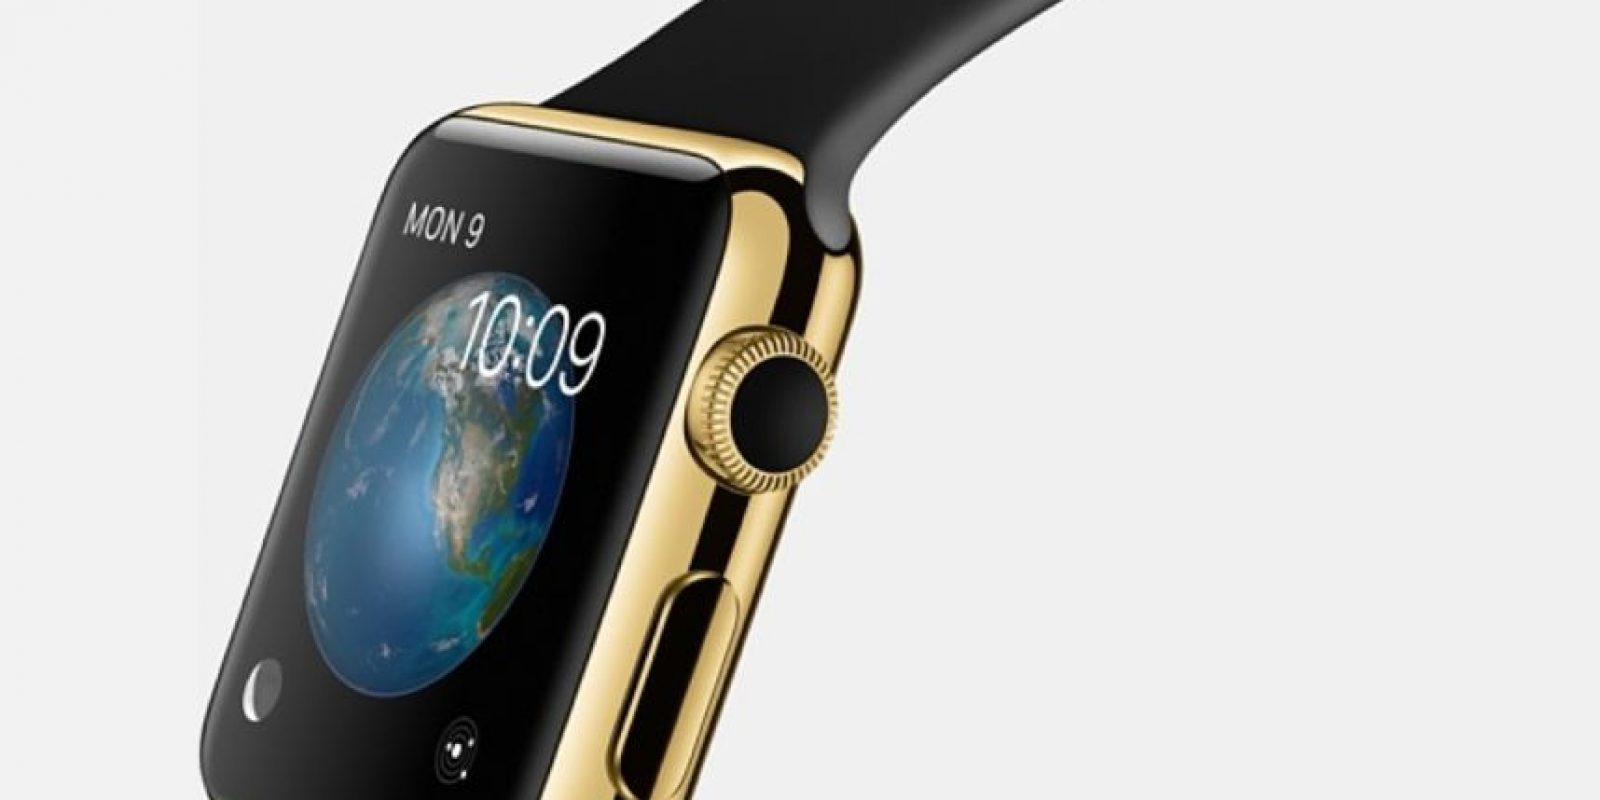 Si se desea probar otro tamaño o modelo del Apple Watch dorado, primero el empleado debe llevarse el que tenían. Foto:Apple